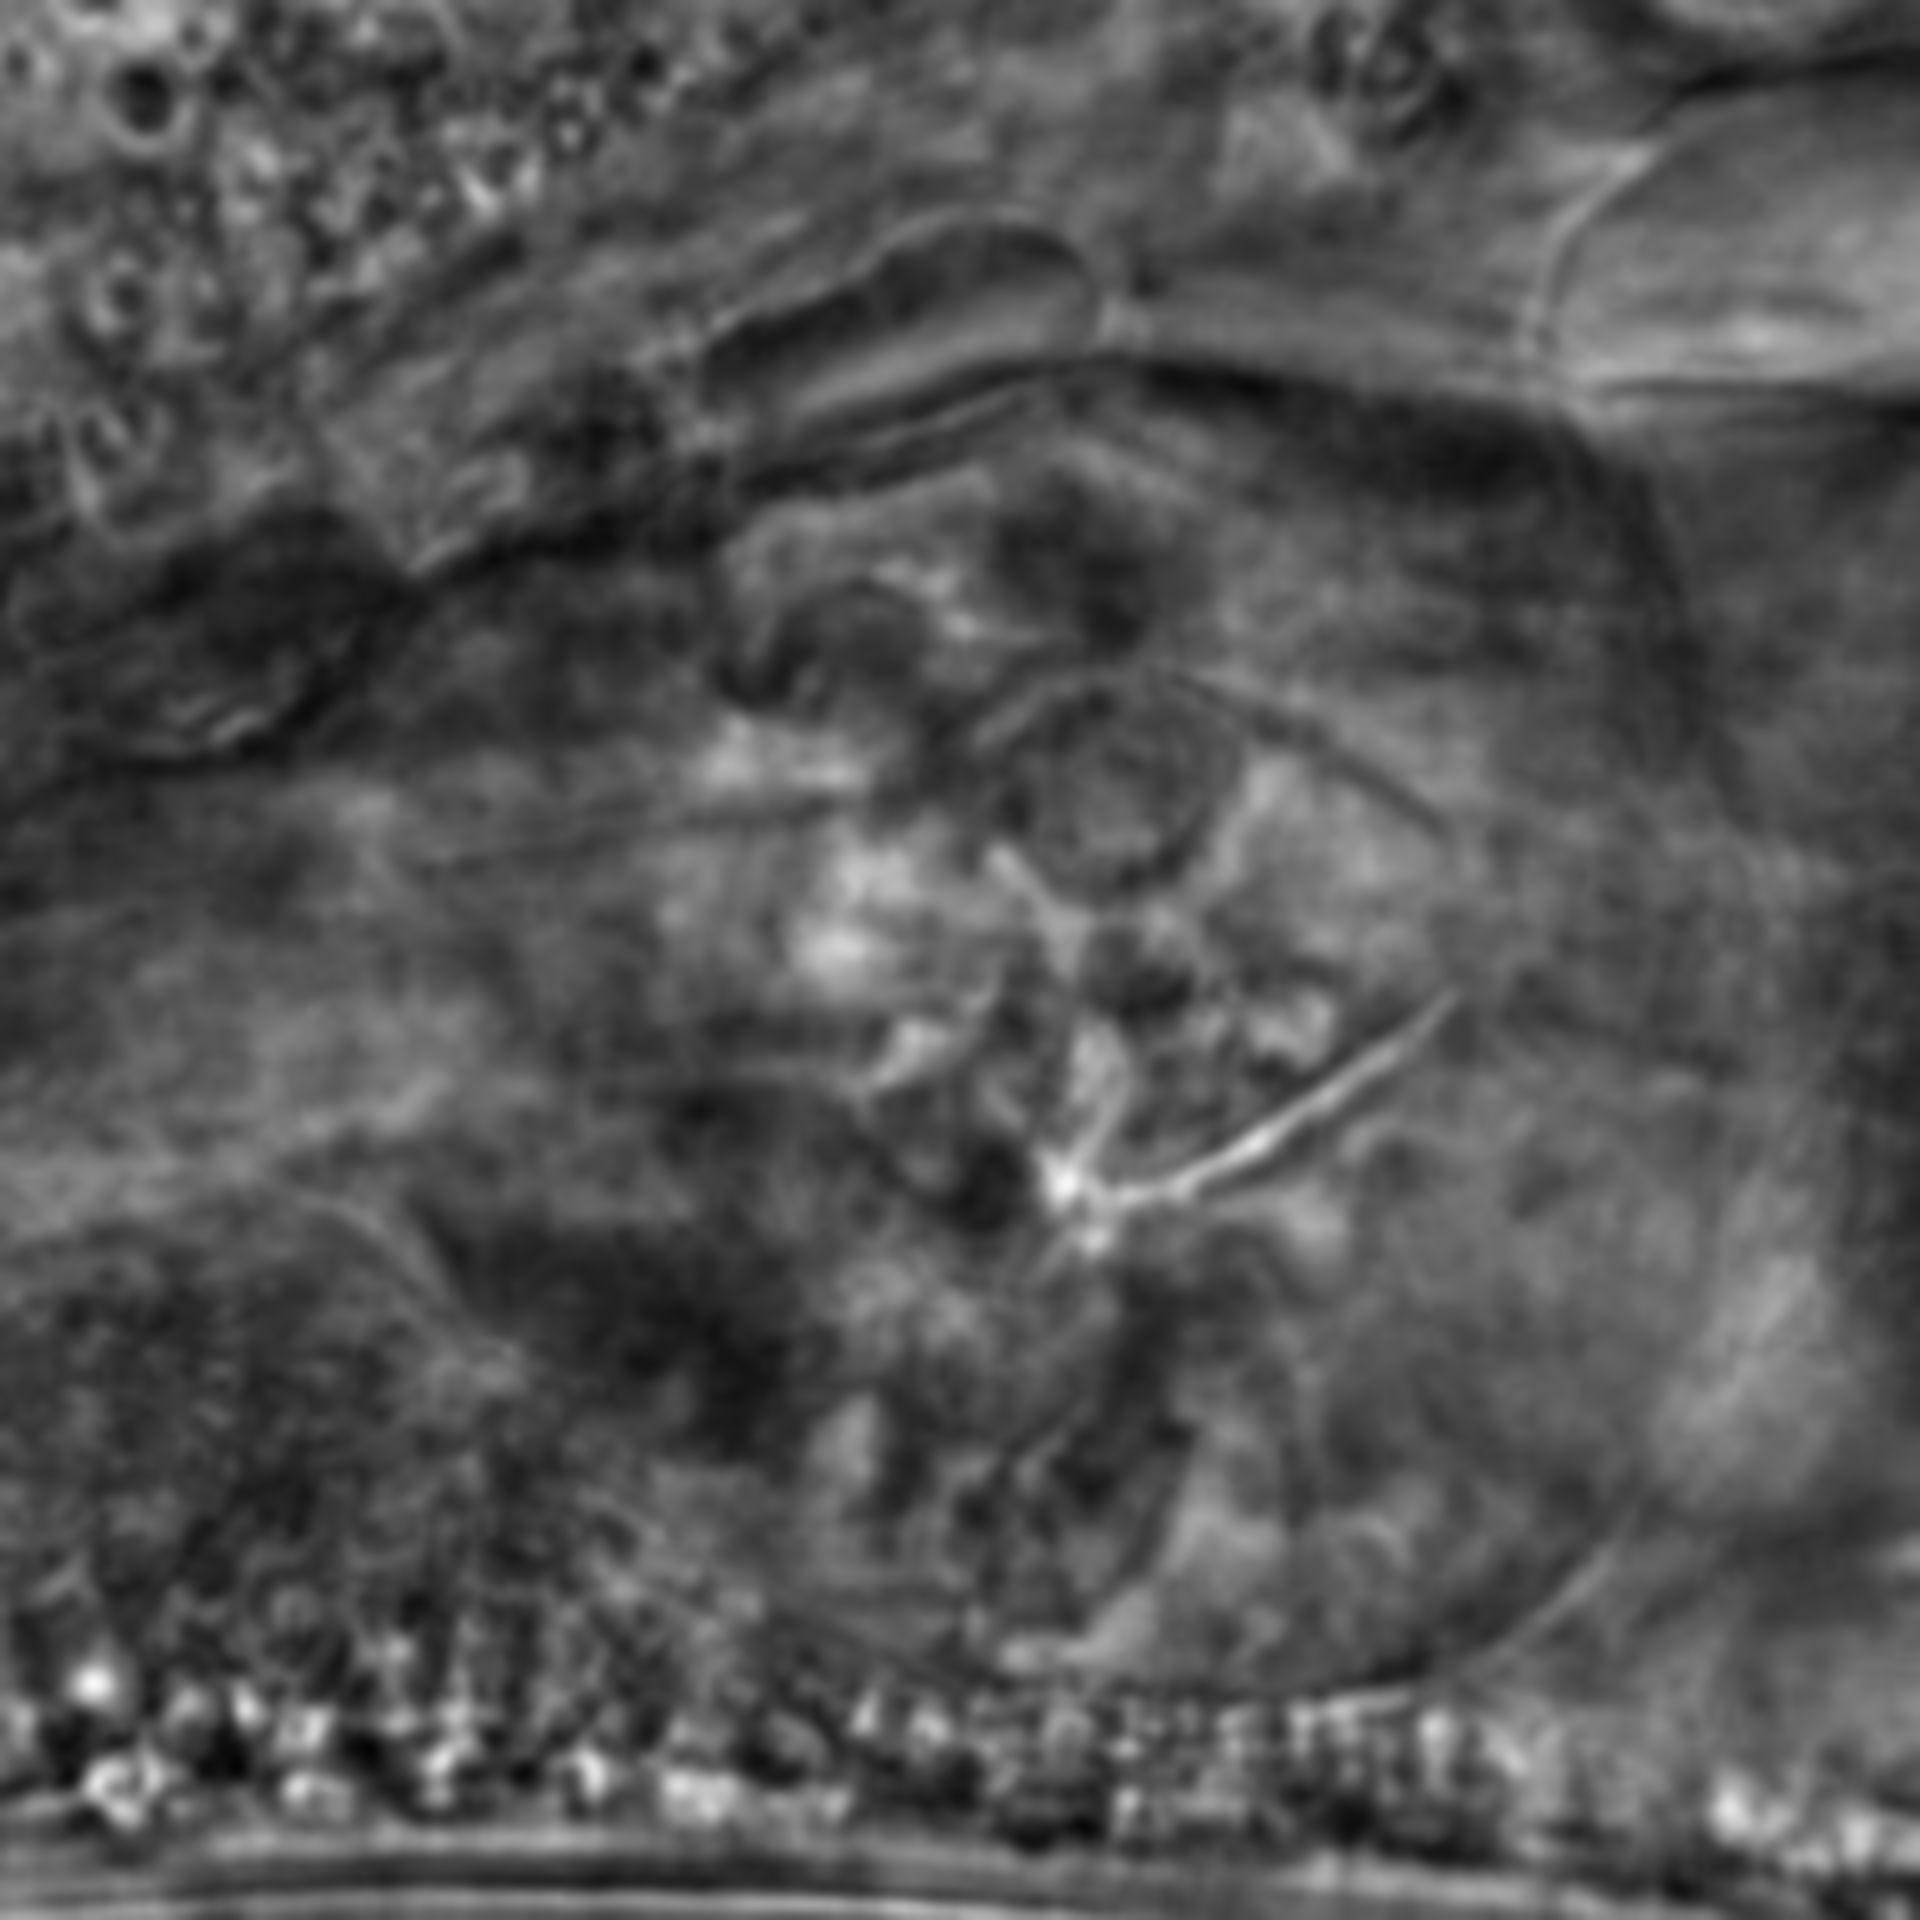 Caenorhabditis elegans - CIL:2734